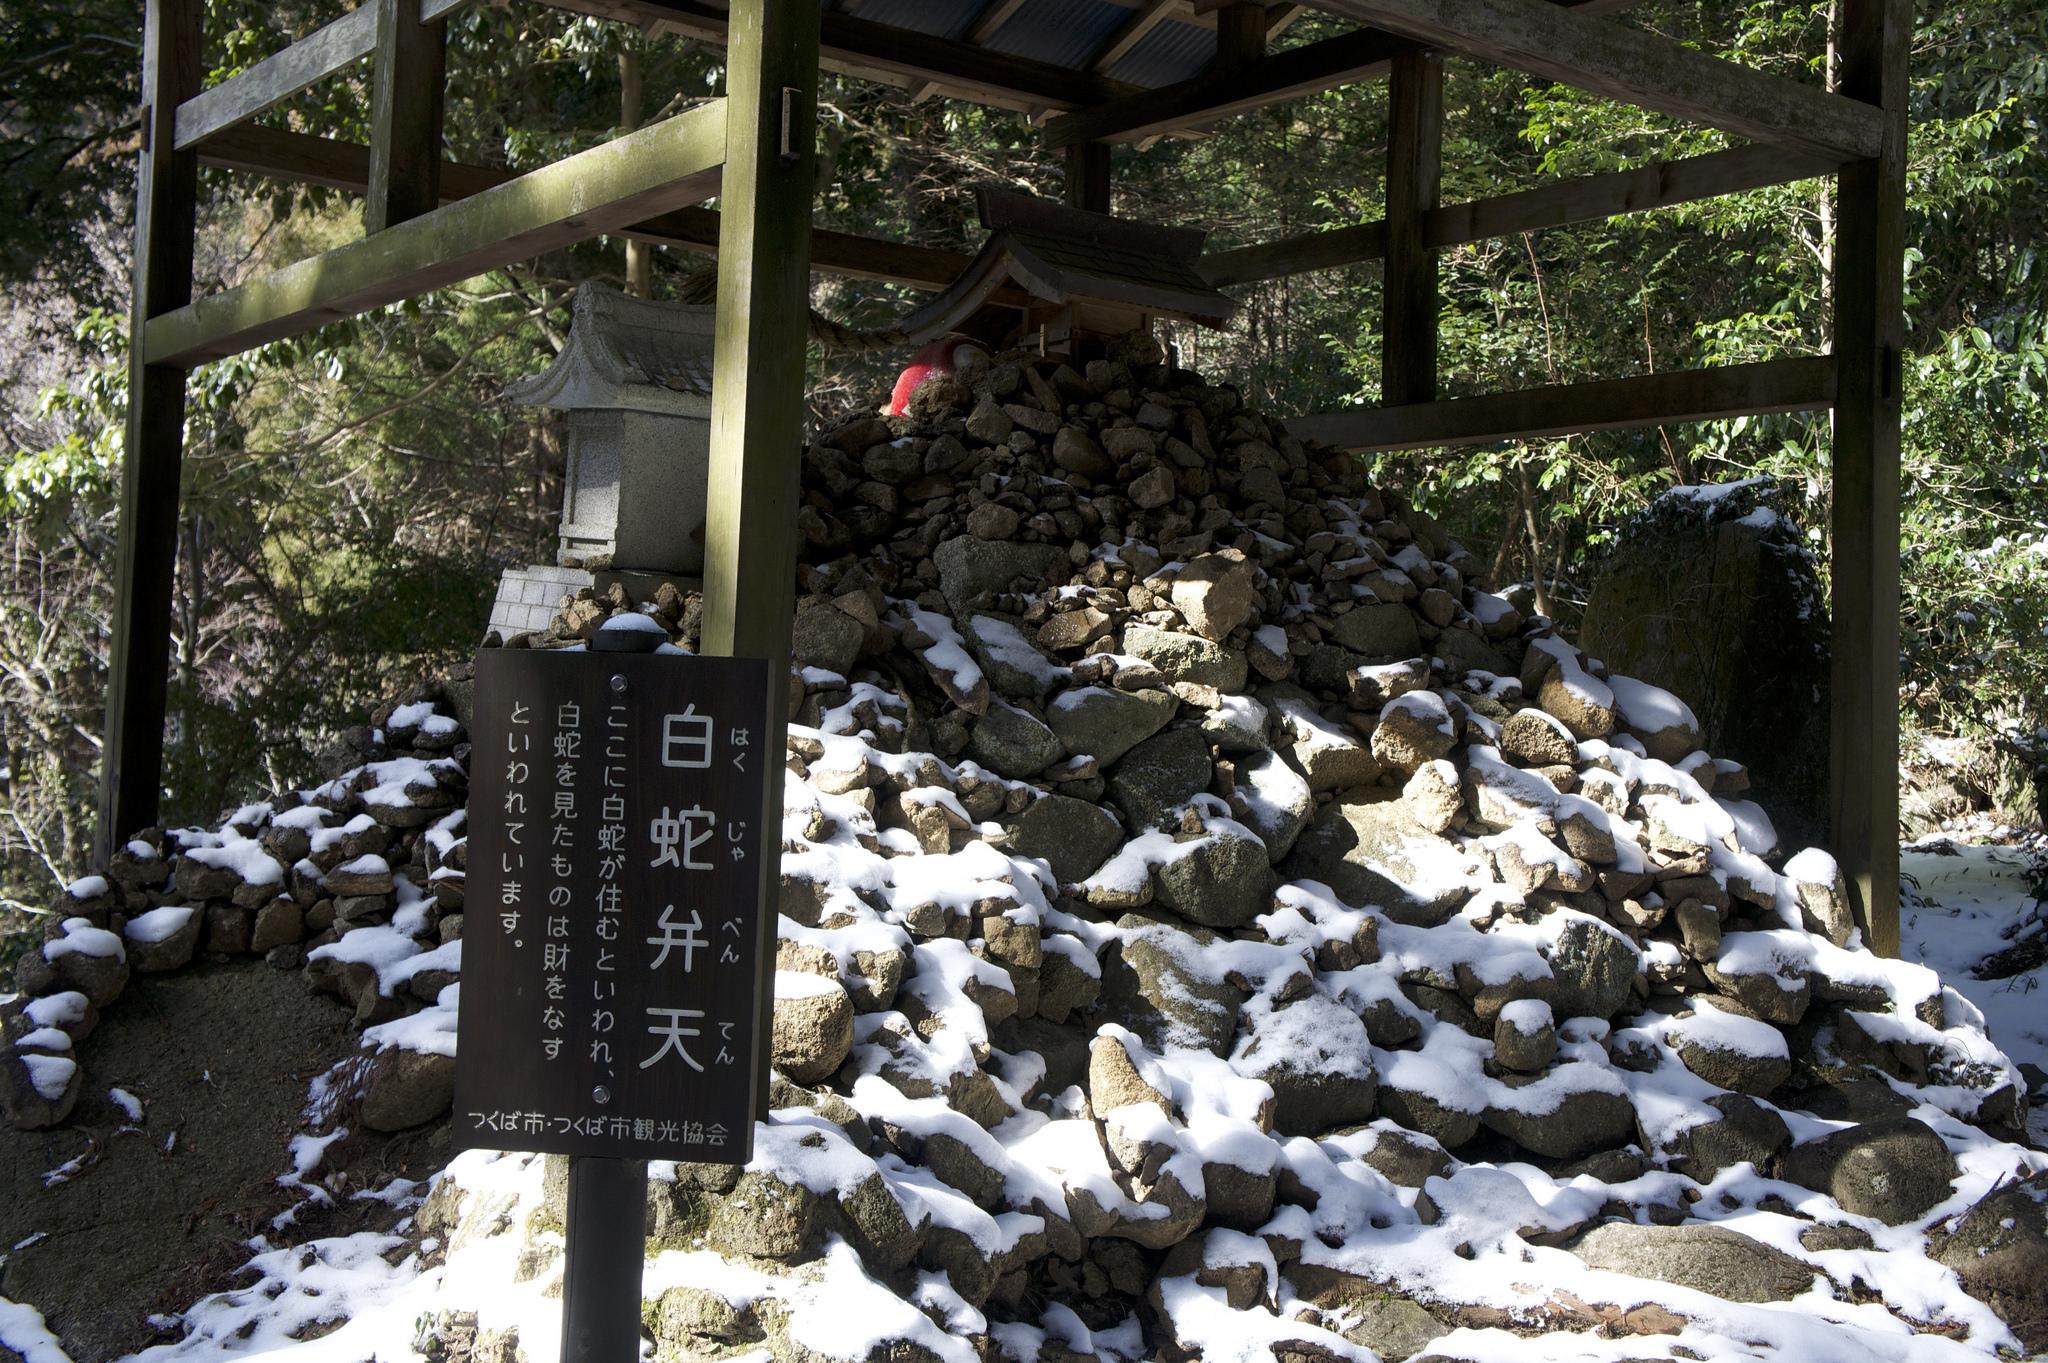 mount tsukuba to tokyo day trip 3